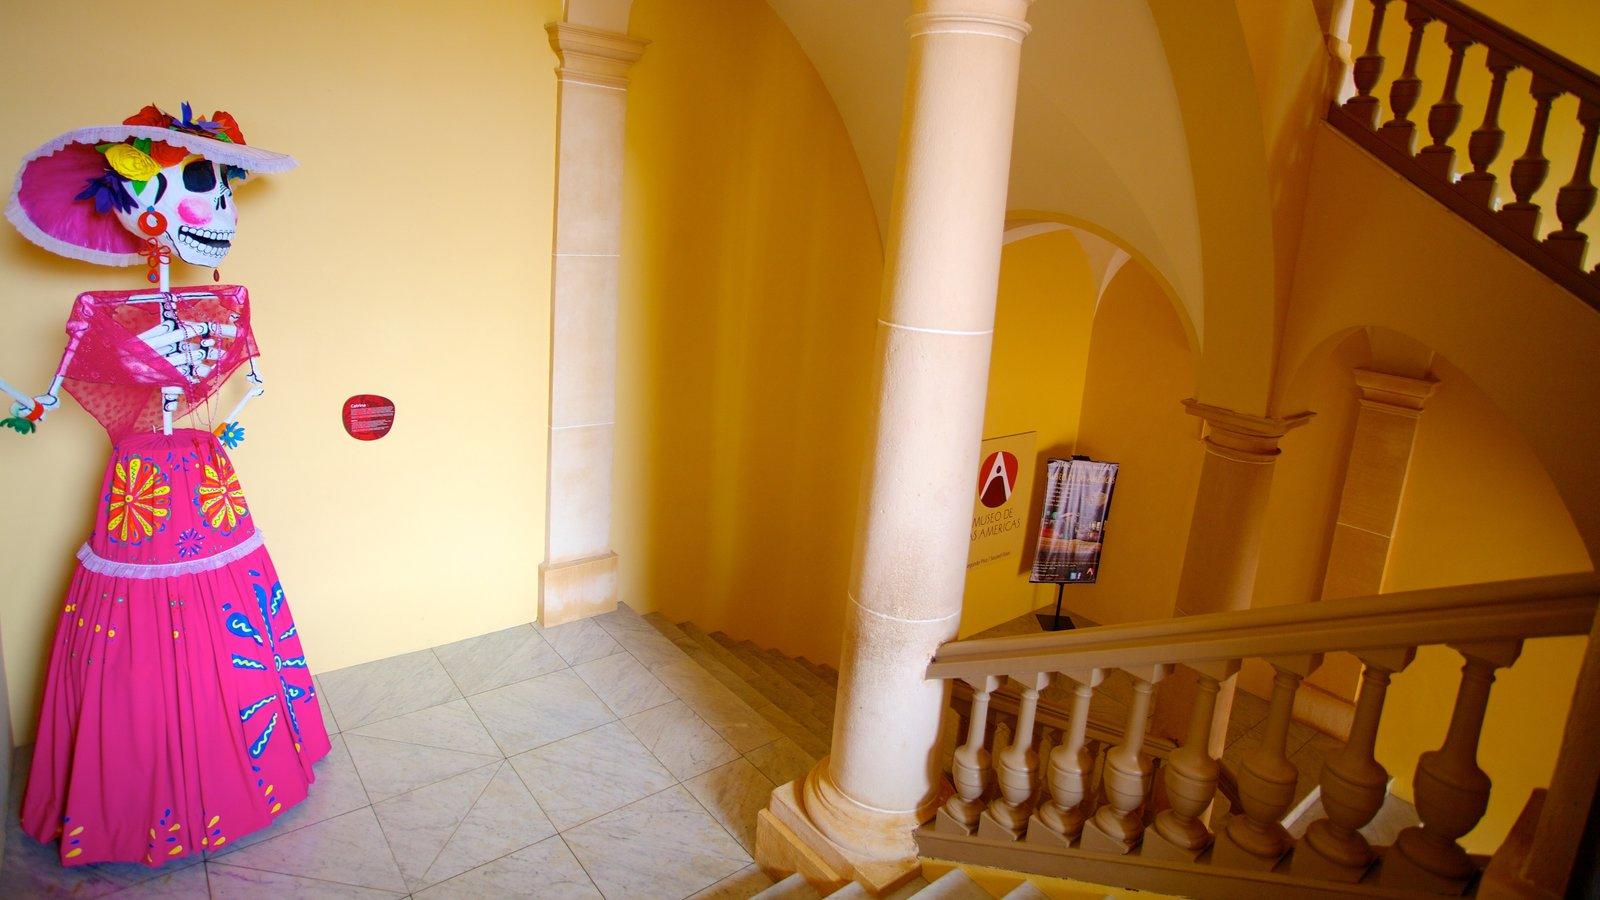 Museo de Las Americas mostrando uma estátua ou escultura e vistas internas